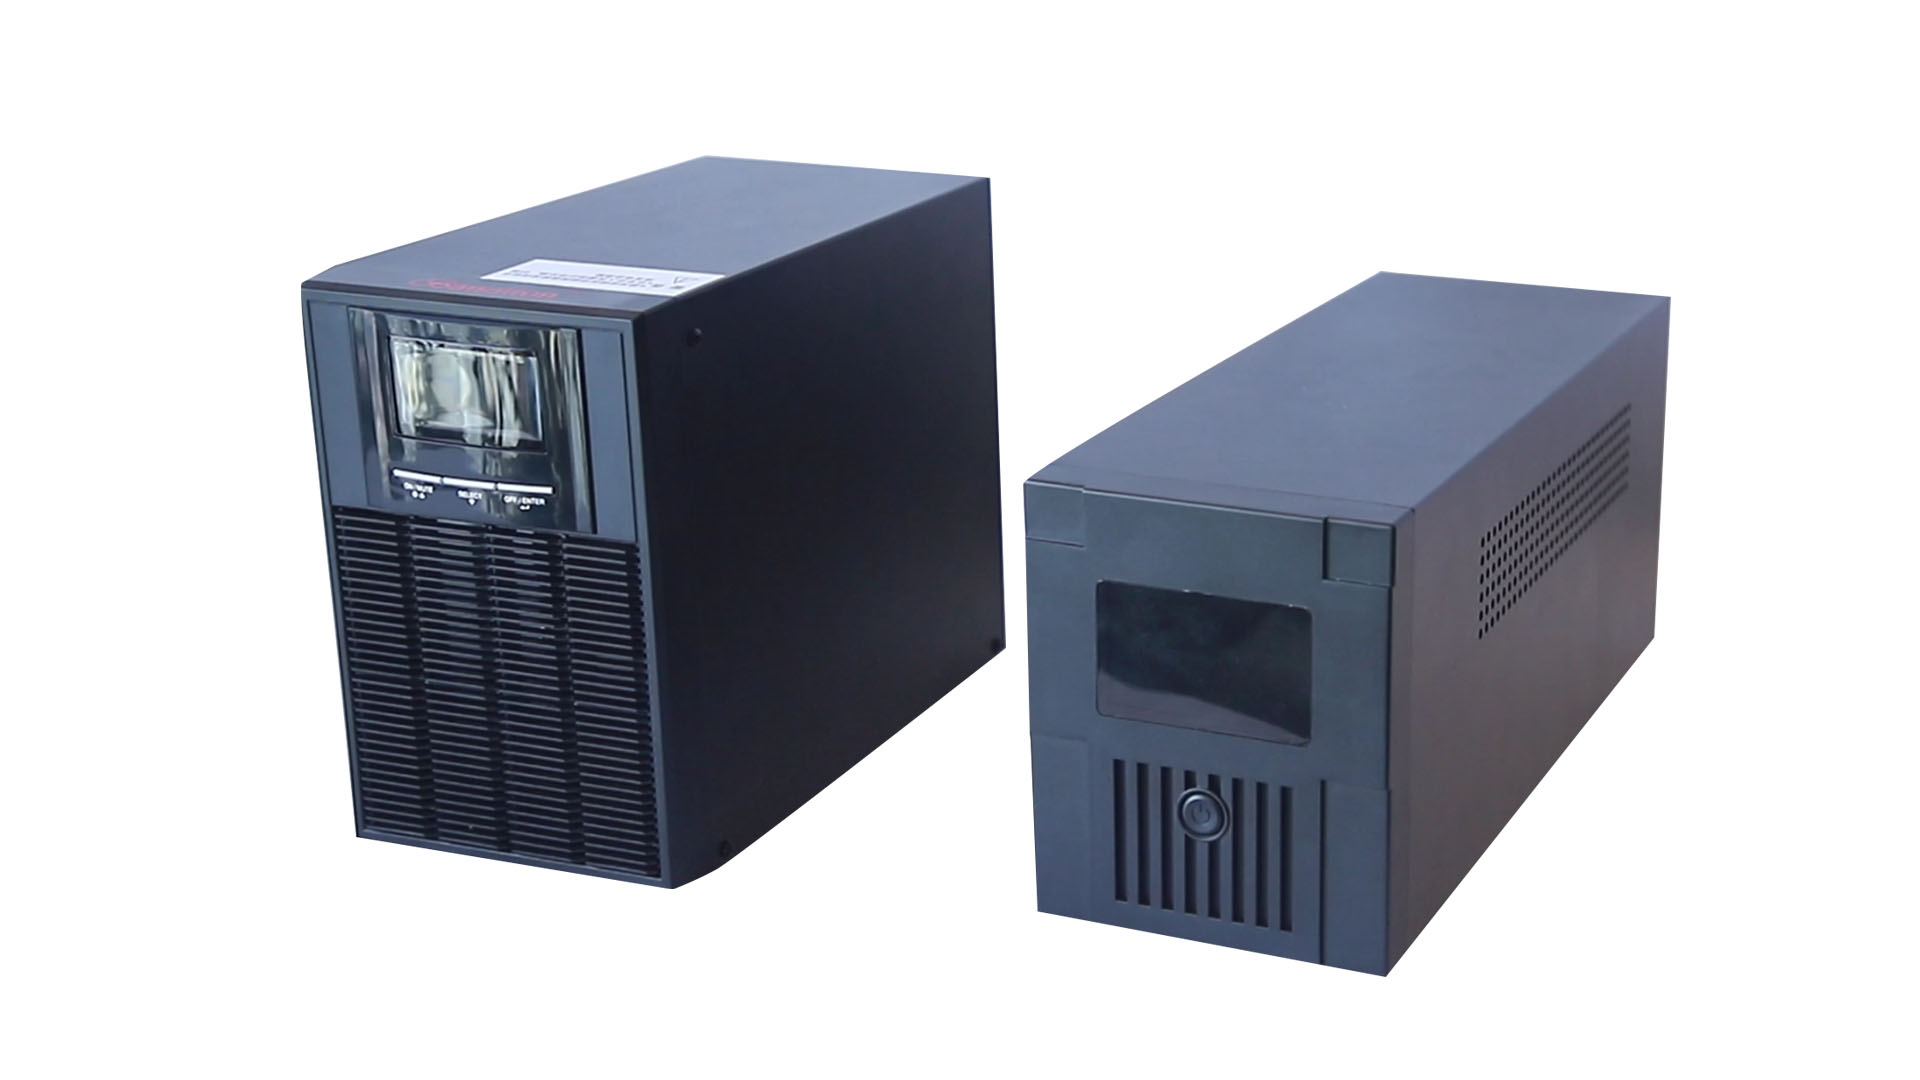 Melhor Qualidade 1 ~ 3KVA UPS UPS Ecologic Bateria Backup Surge Protector UPS Sistema Uninterruptible Fonte de alimentação